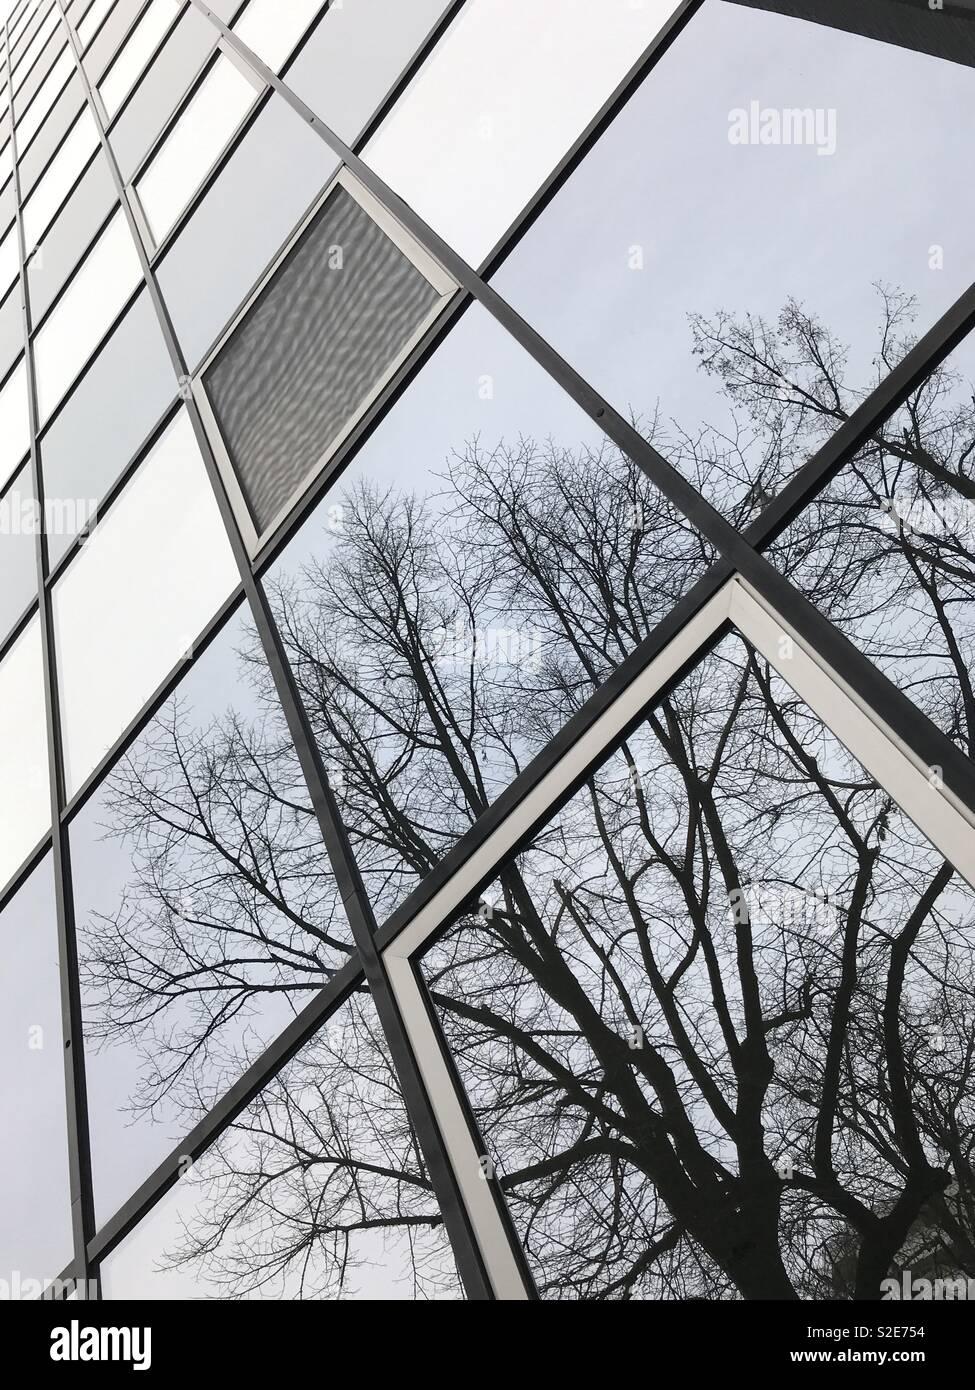 Spiegelhäuserfront - Stock Image